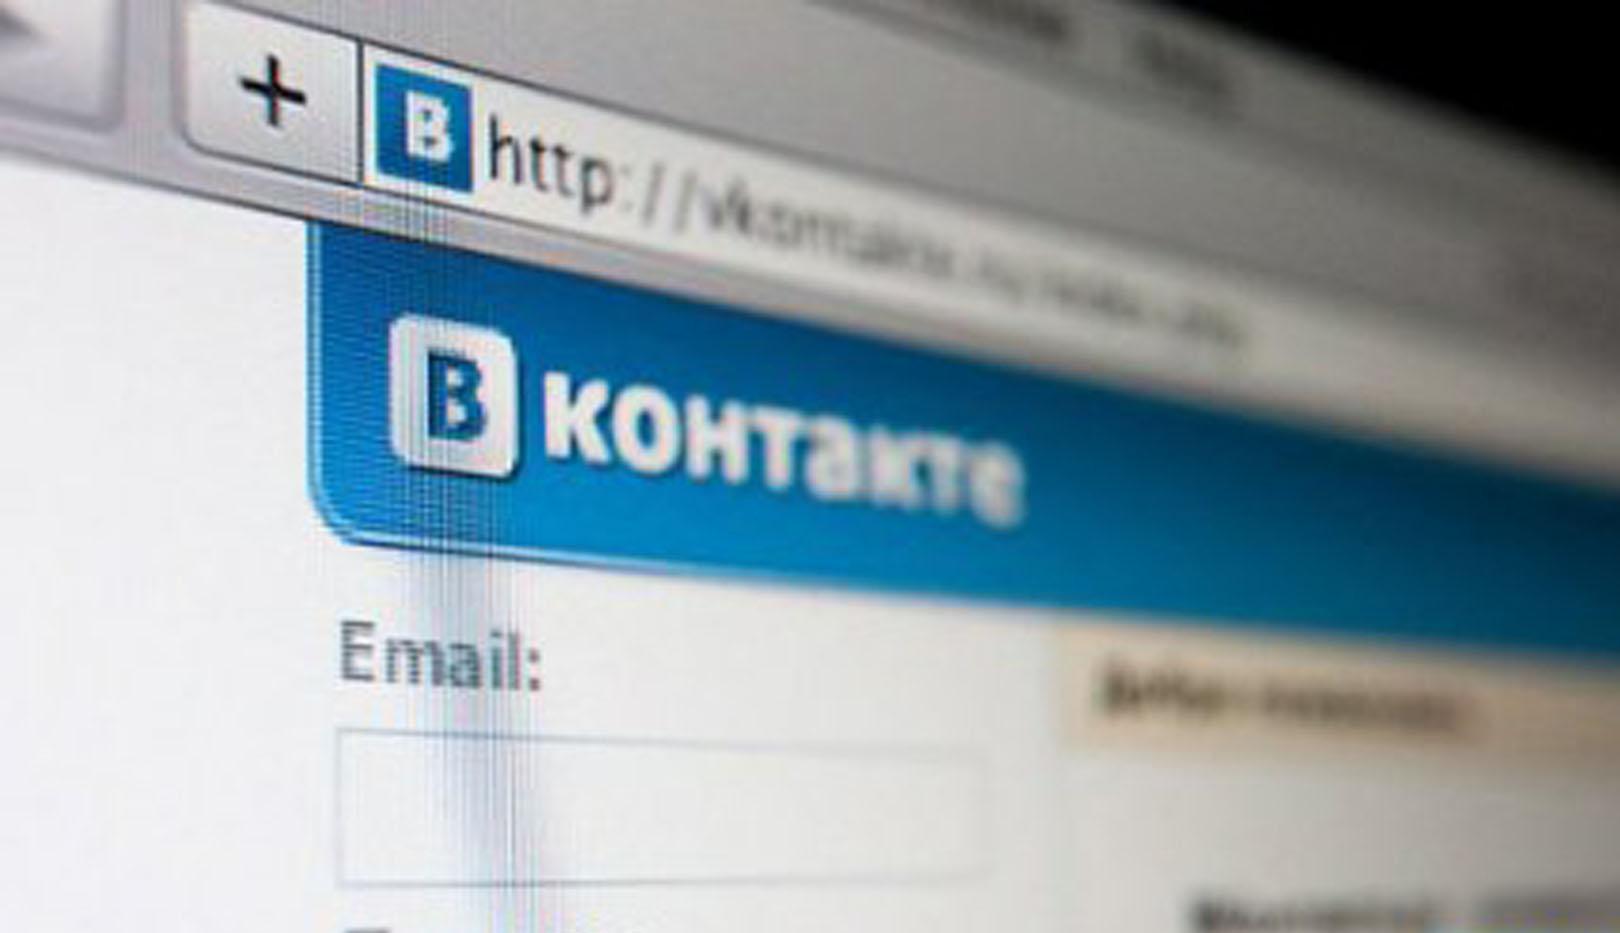 Челябинец получил 2 гола условно зарепост «ВКонтакте»